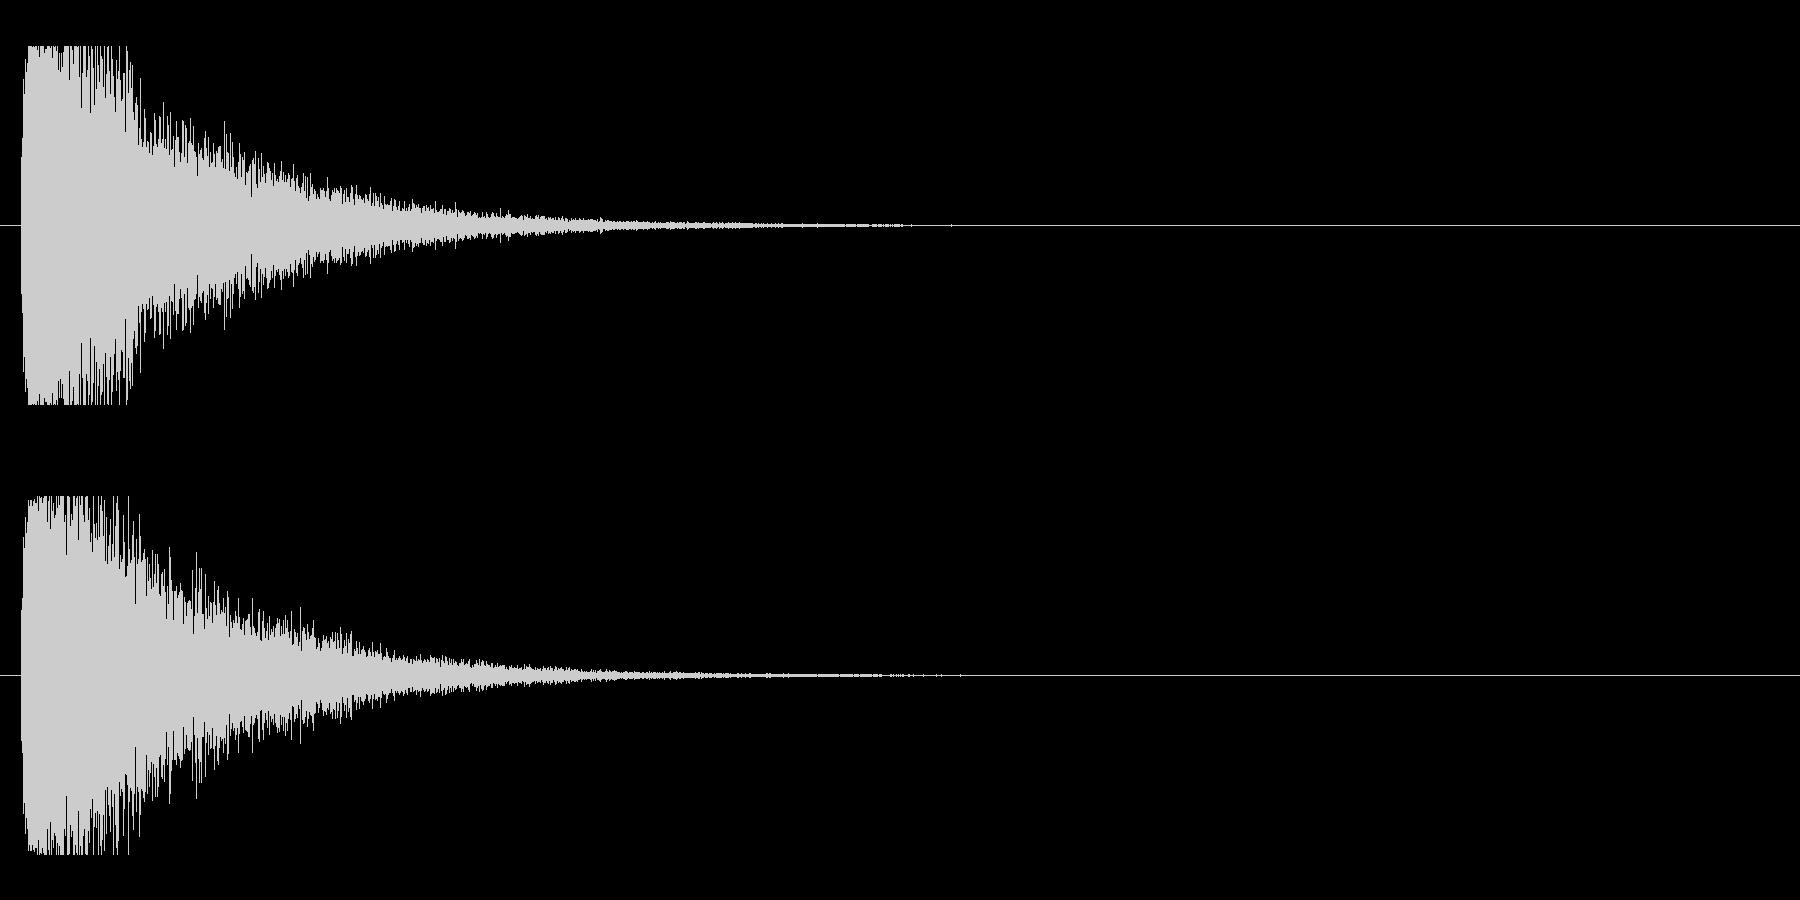 レーザー音-21-1の未再生の波形